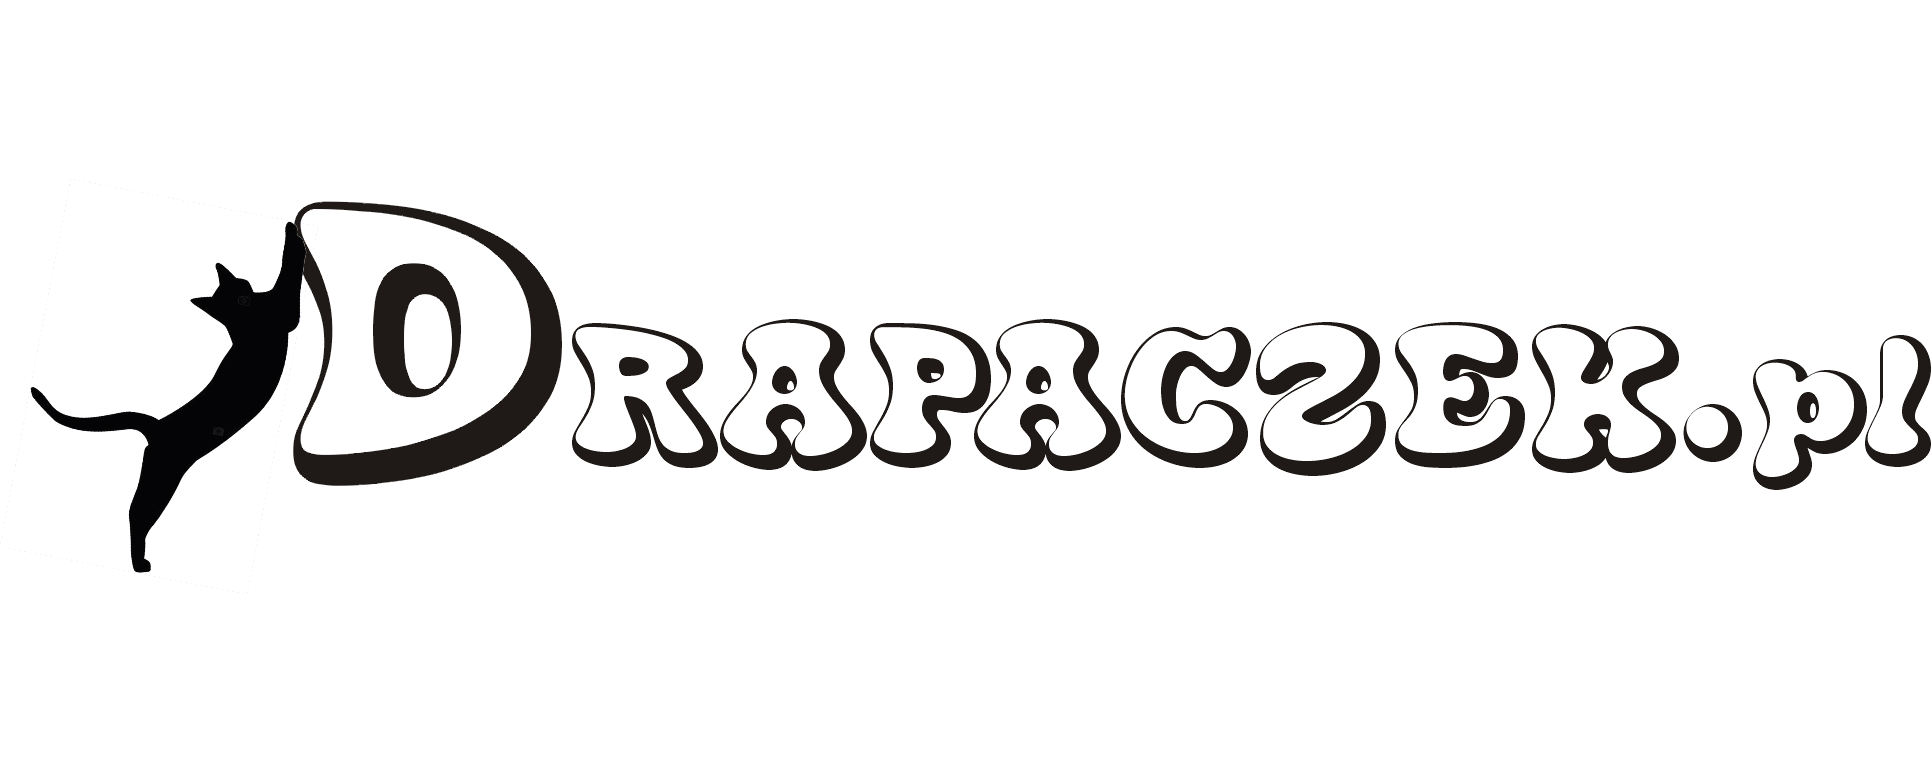 Drapaczek